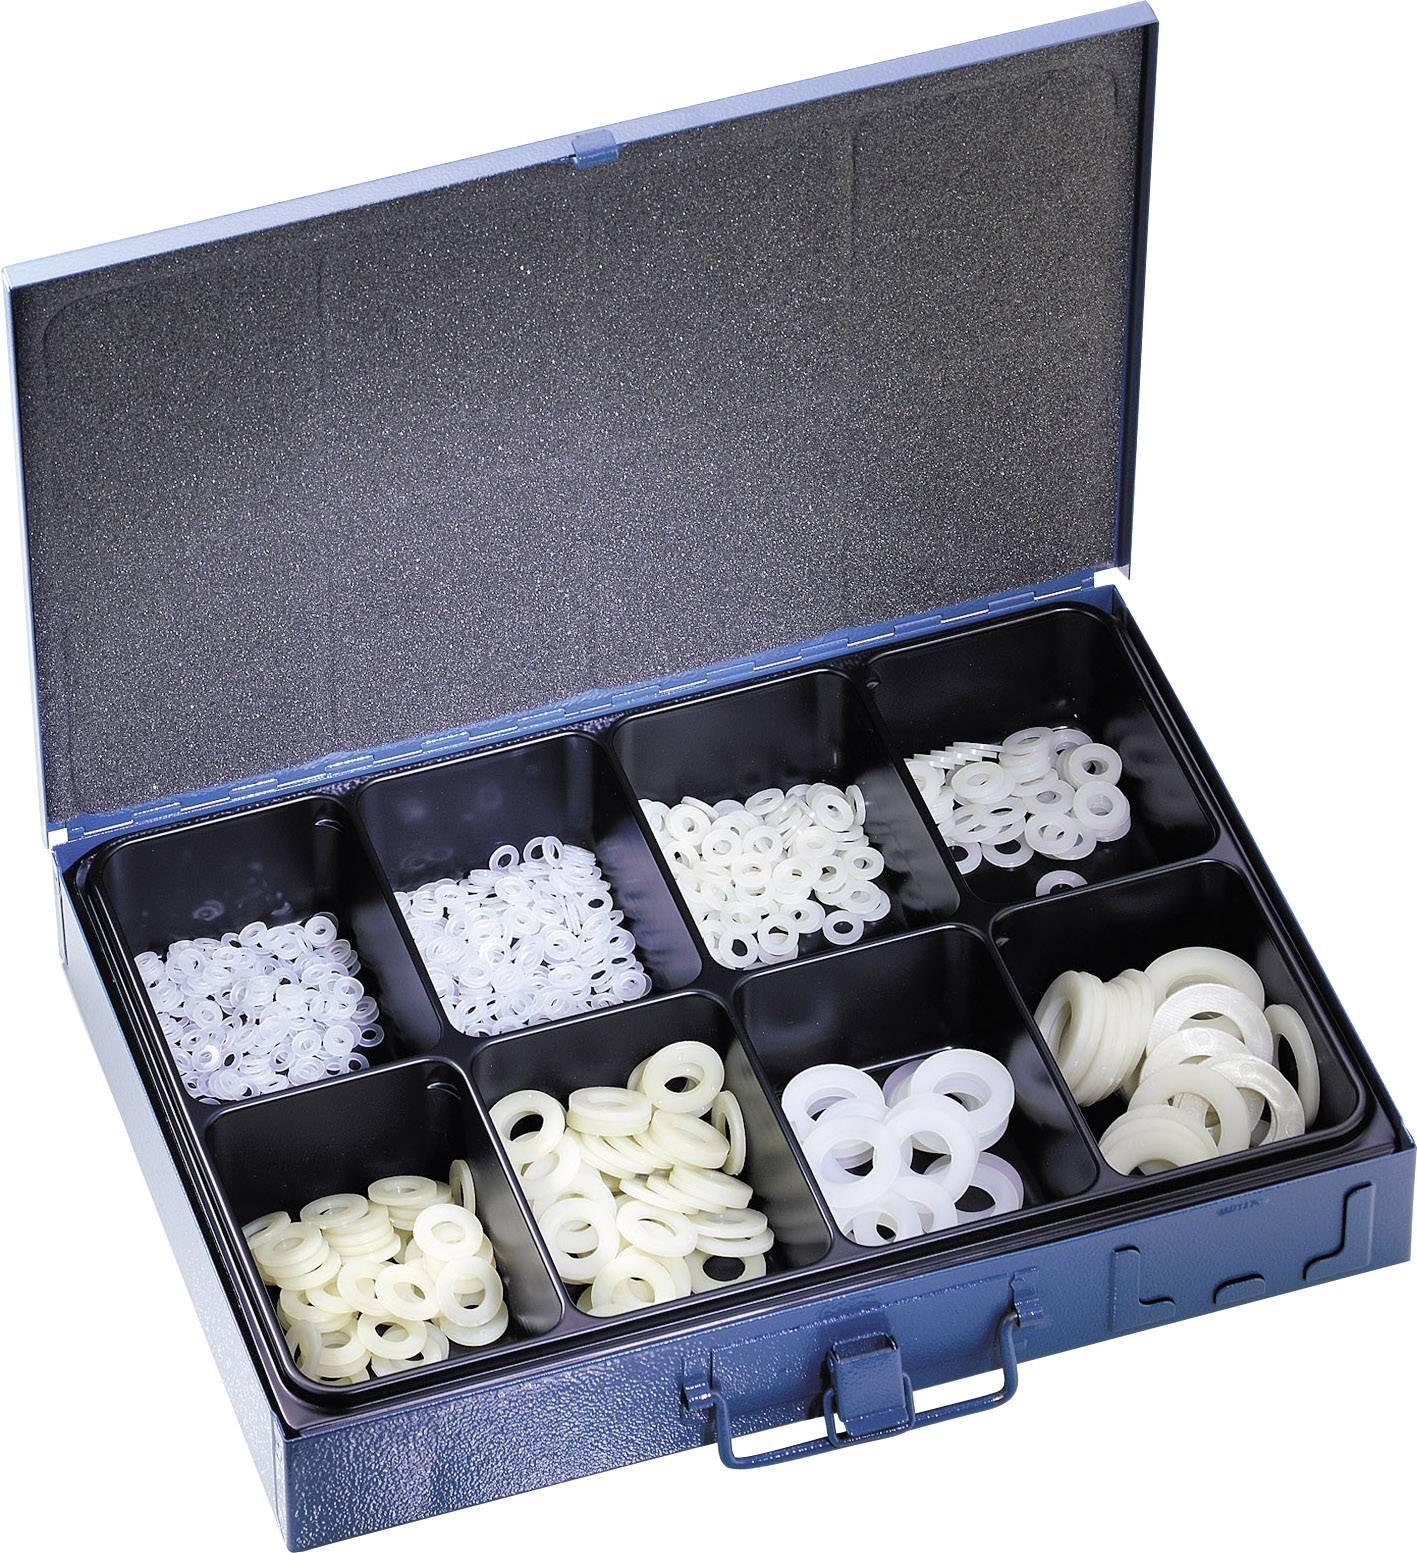 700 - dielny set polyamidových U podložiek